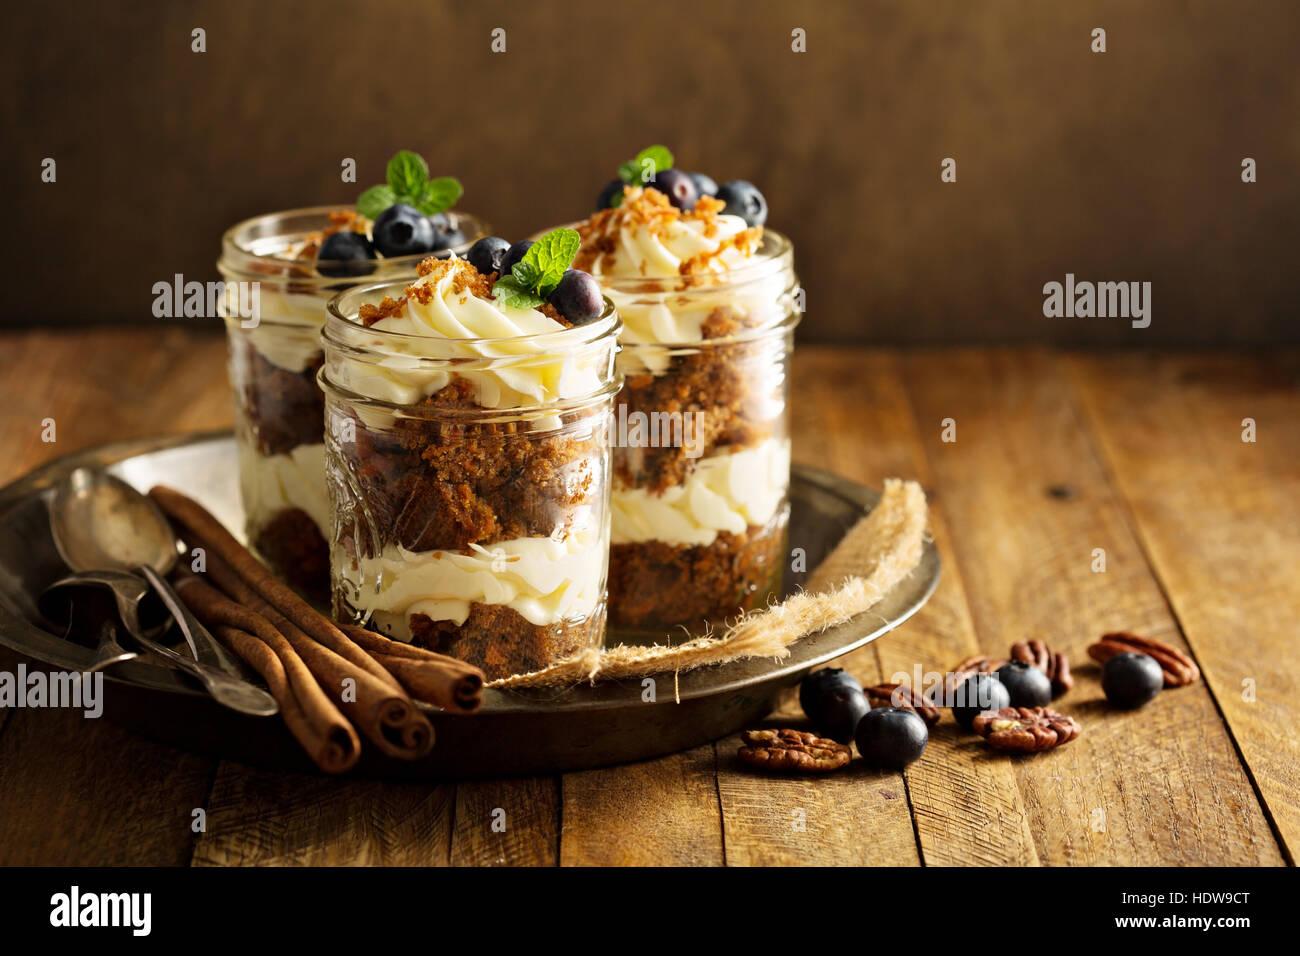 Gâteau aux carottes dans un pot Photo Stock